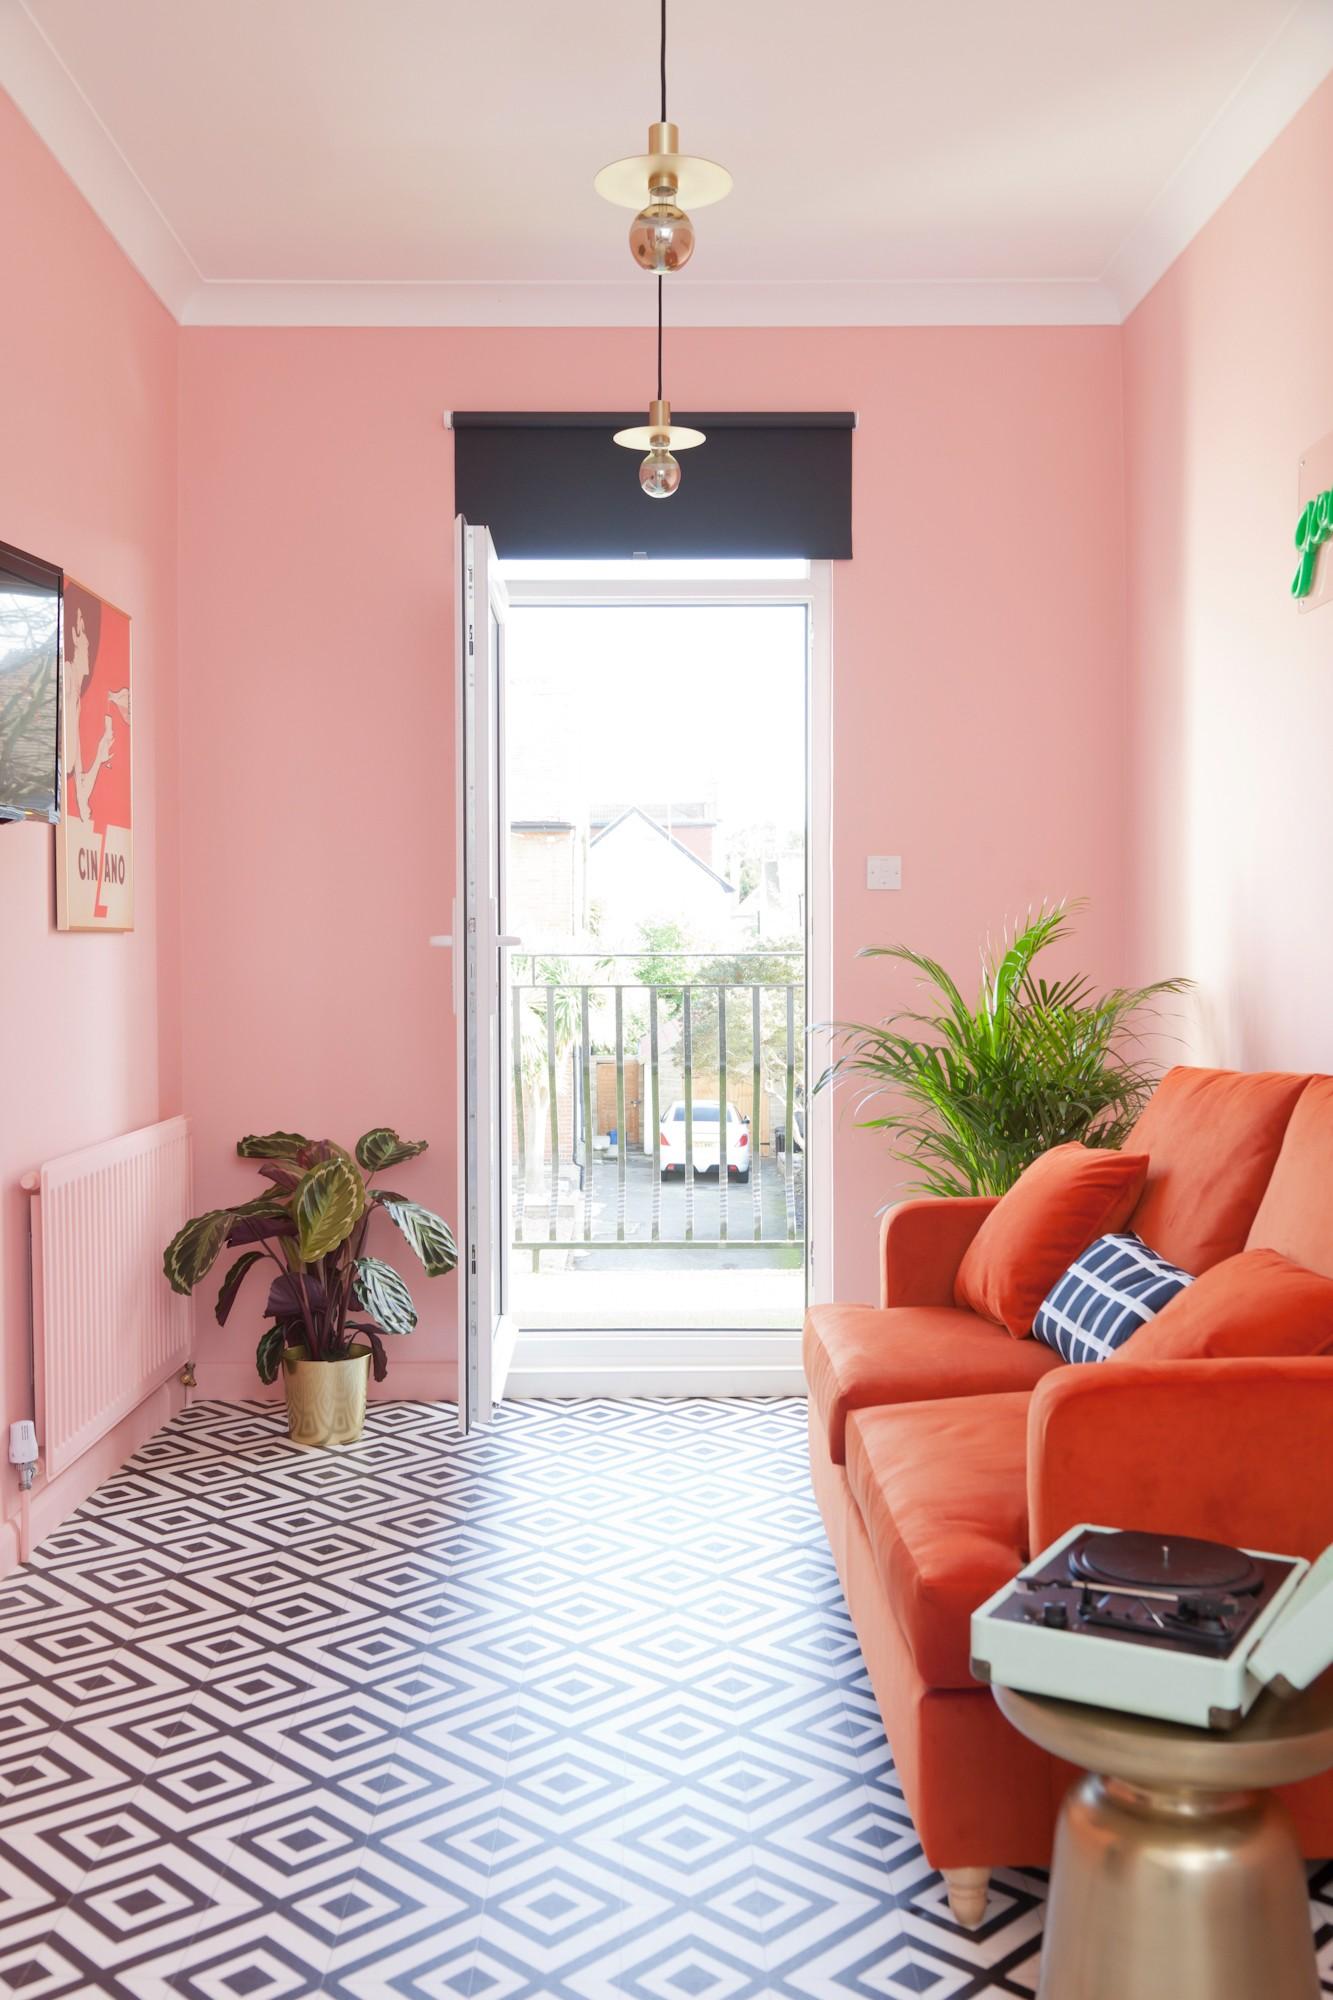 بالصور ديكور مدخل المنزل باللون الوردي- طلاء باللون الوردي